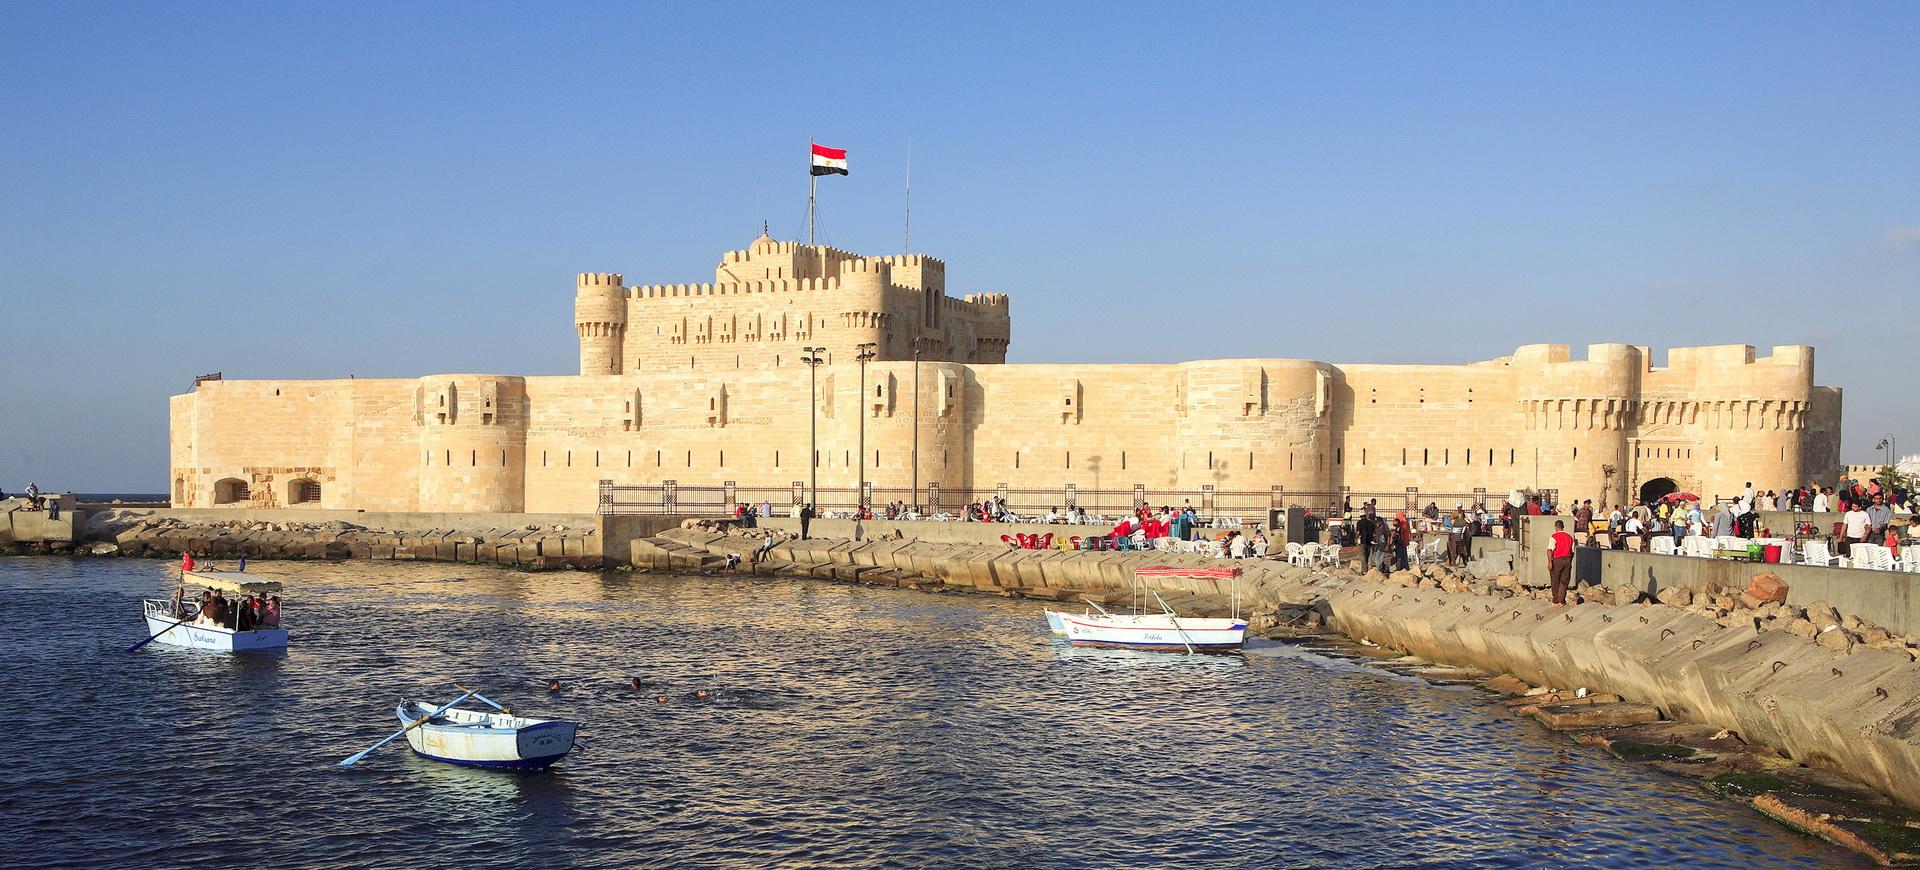 Formalités visa de tourisme pour groupes en Egypte